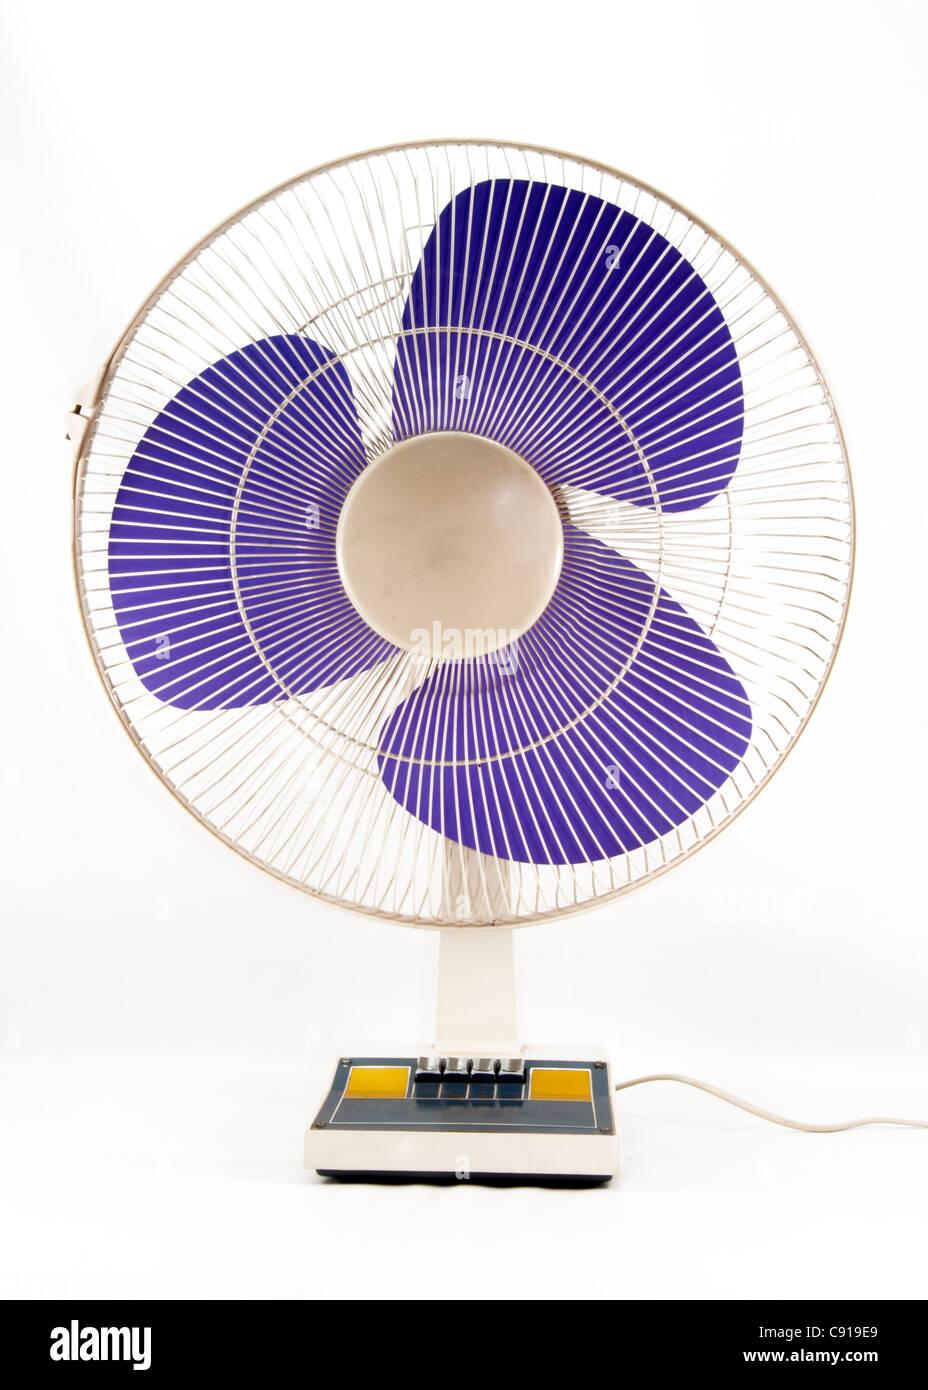 Ventilador eléctrico sobre fondo blanco. Imagen De Stock